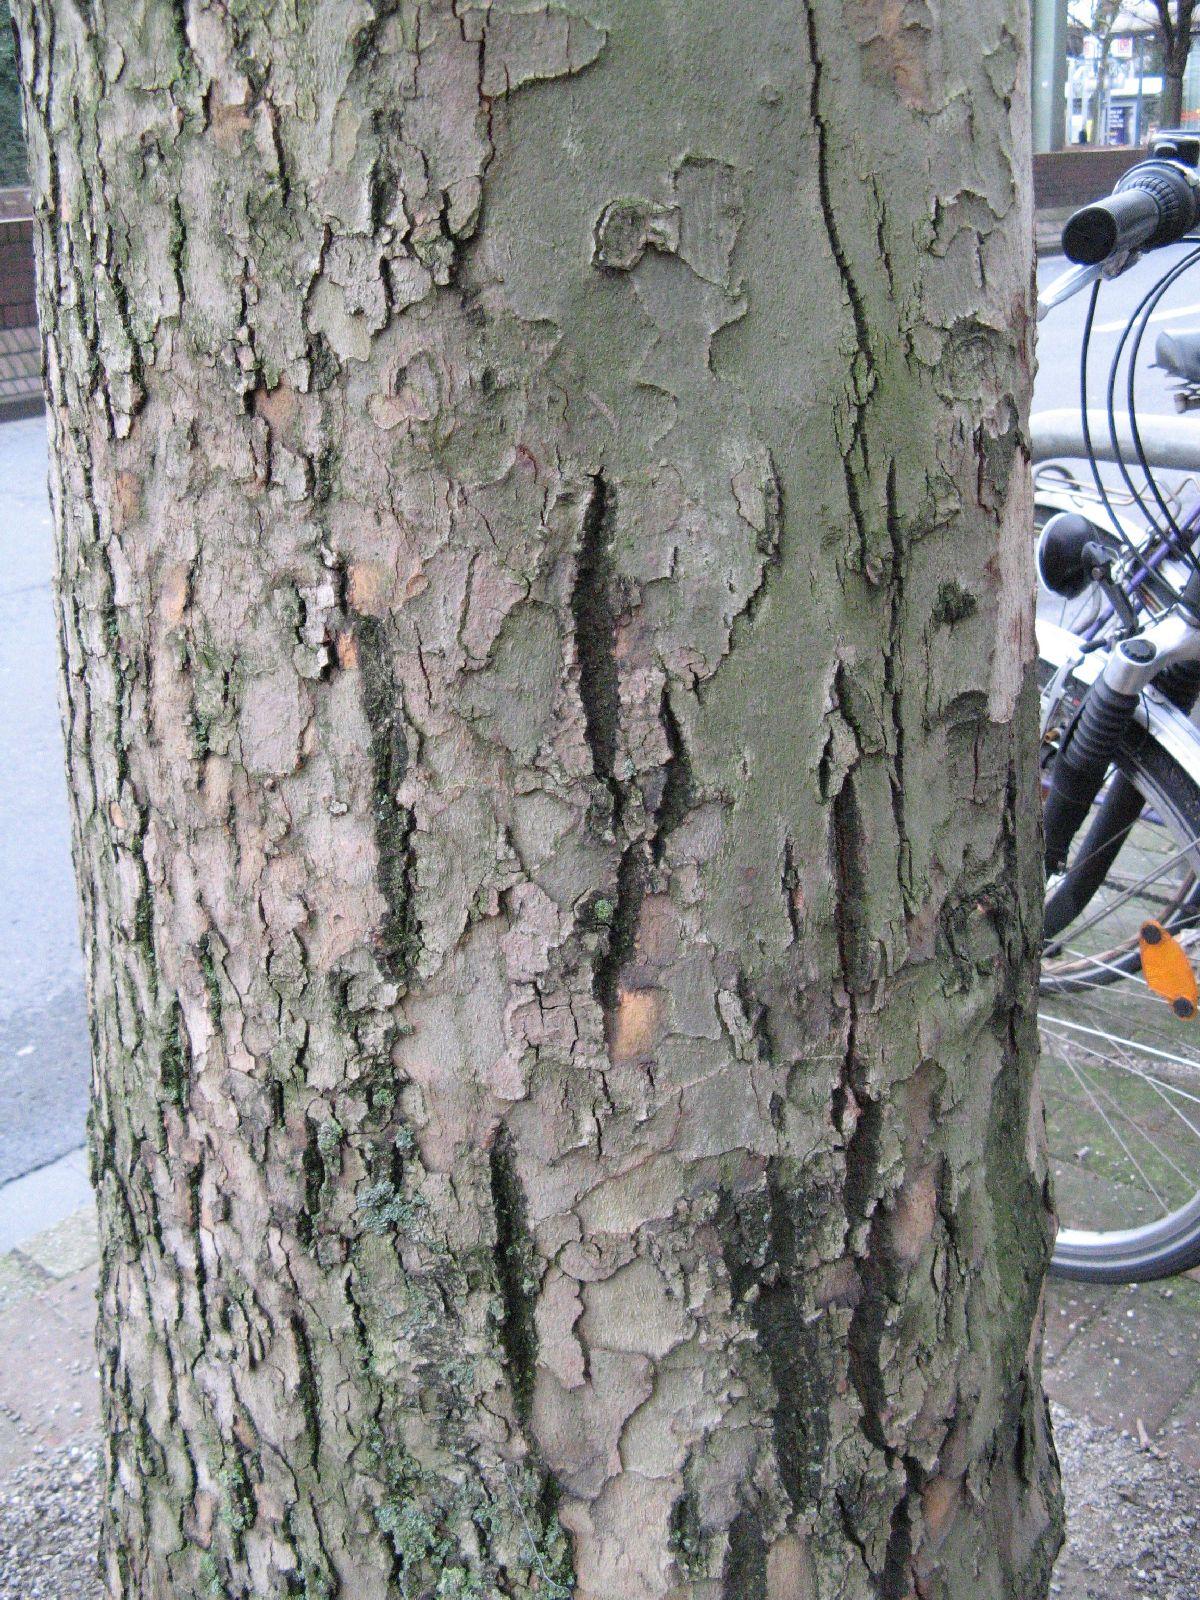 Baum-Rinde_Texturs_B_26330